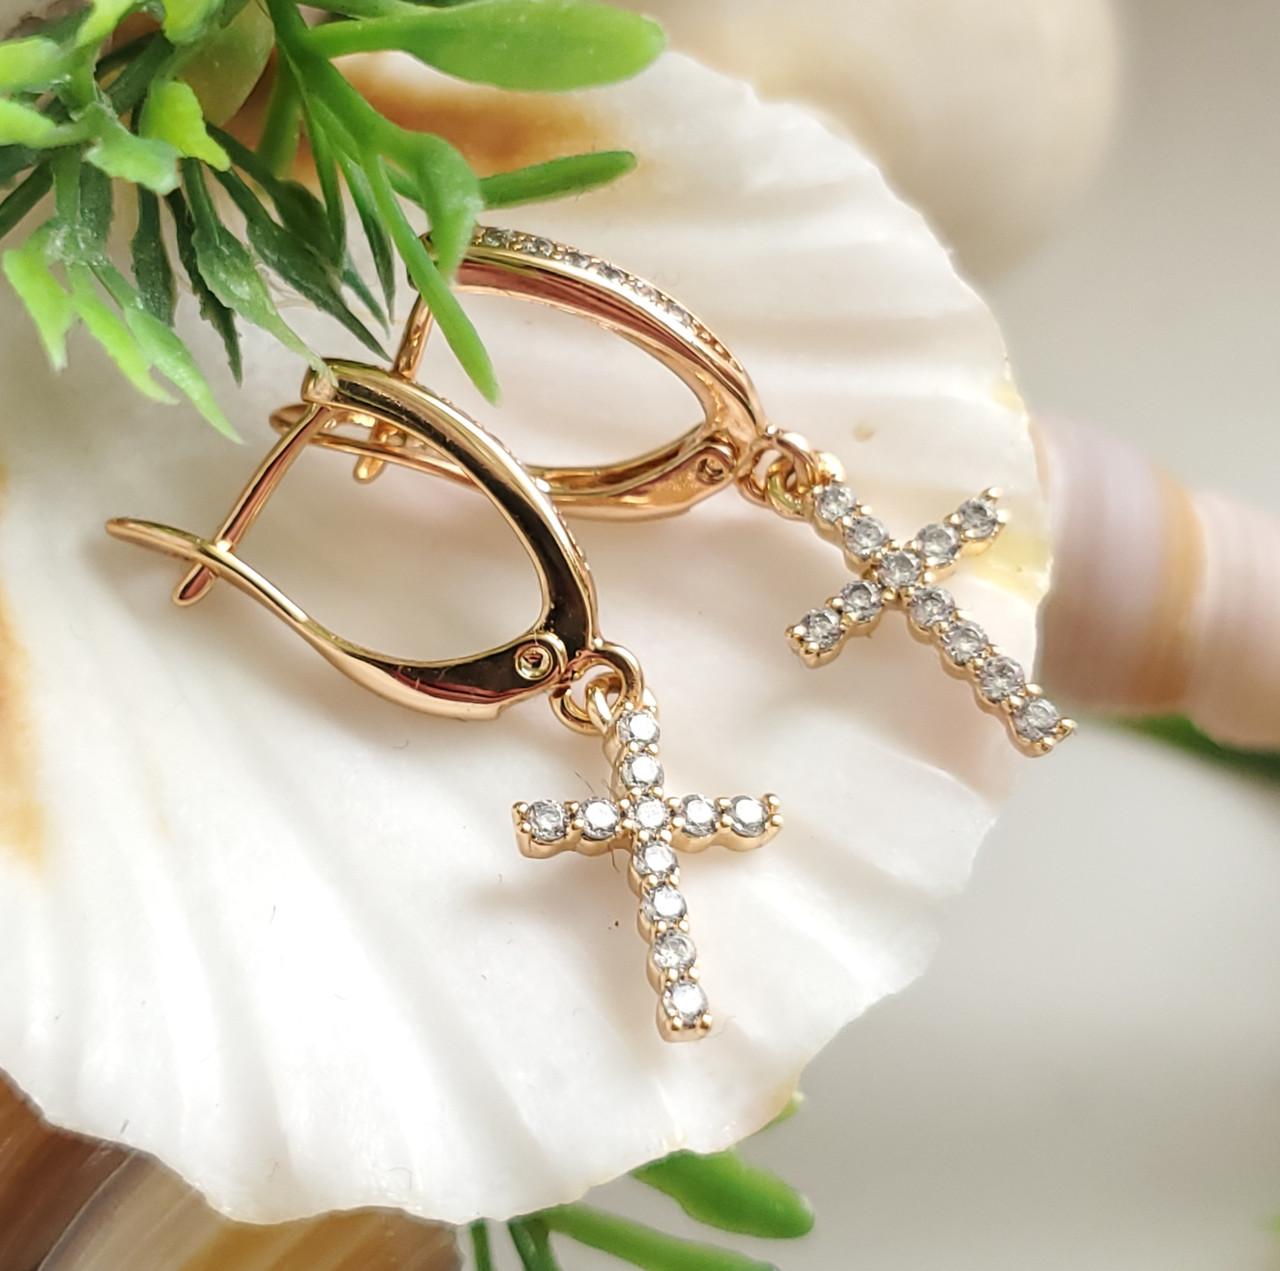 Сережки з хрестиками Xuping довжина 3см медичне золото позолота 18К  с905